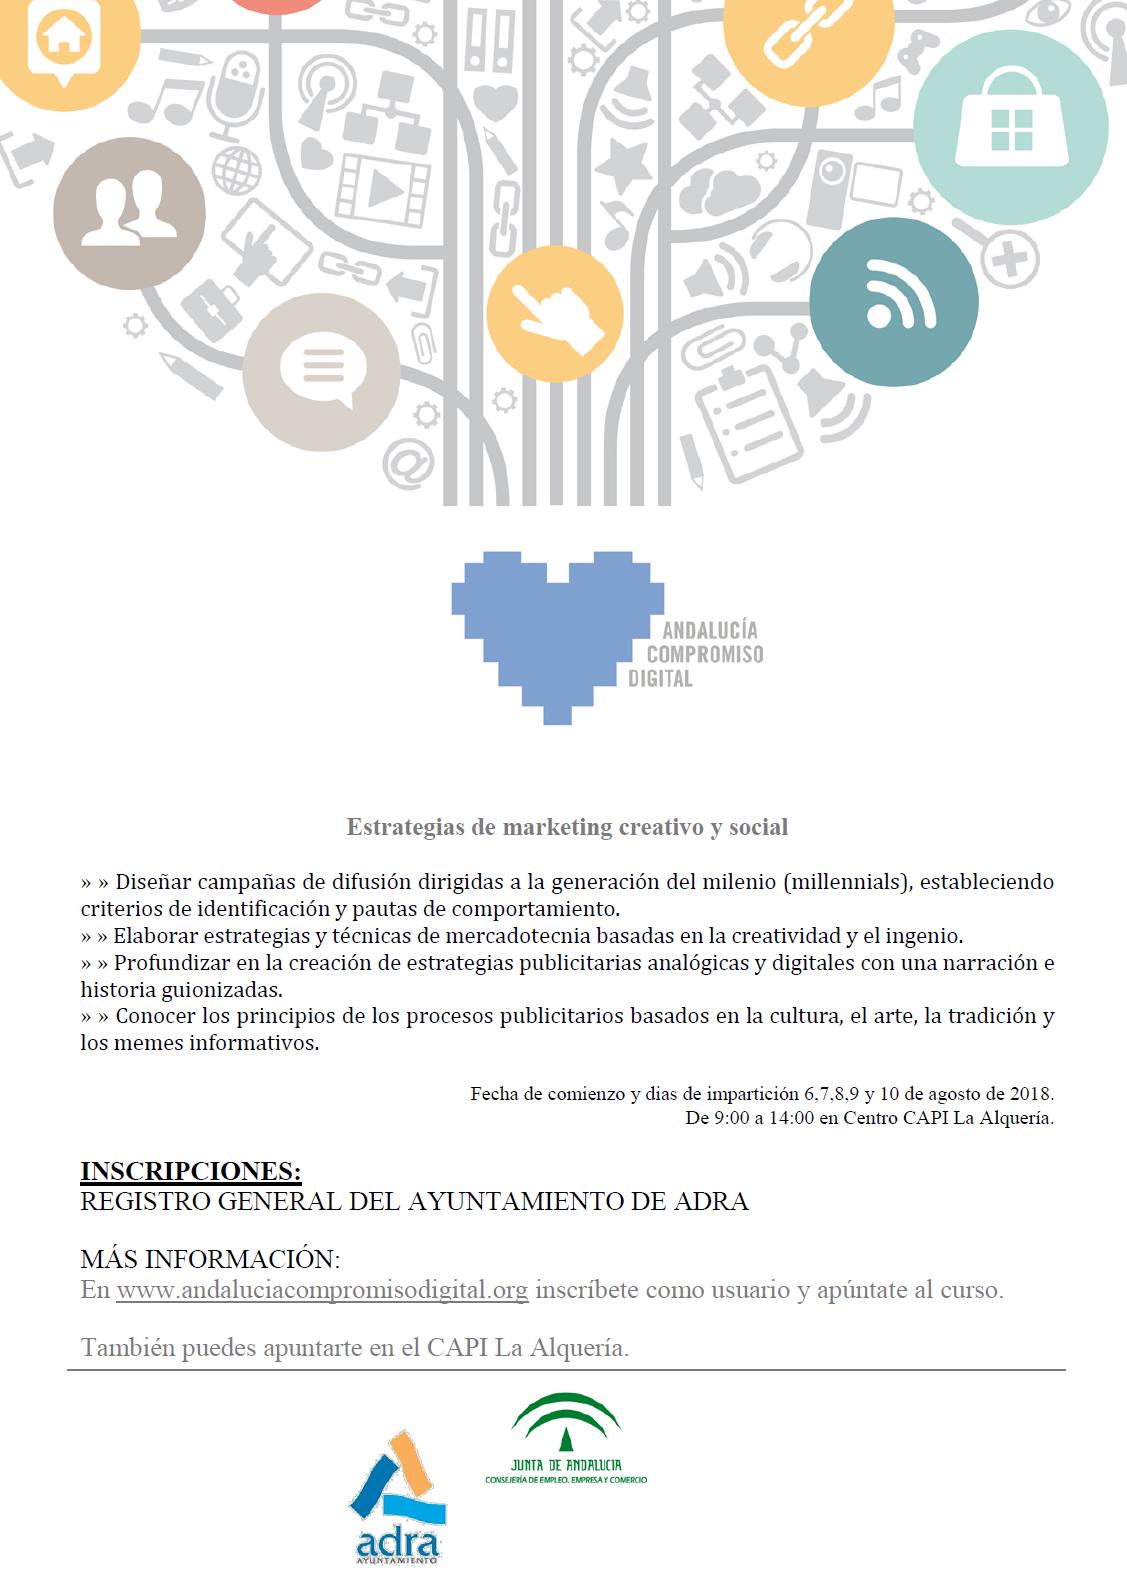 Curso de estrategias de marketing creativo y social en el CAPI de La Alquería